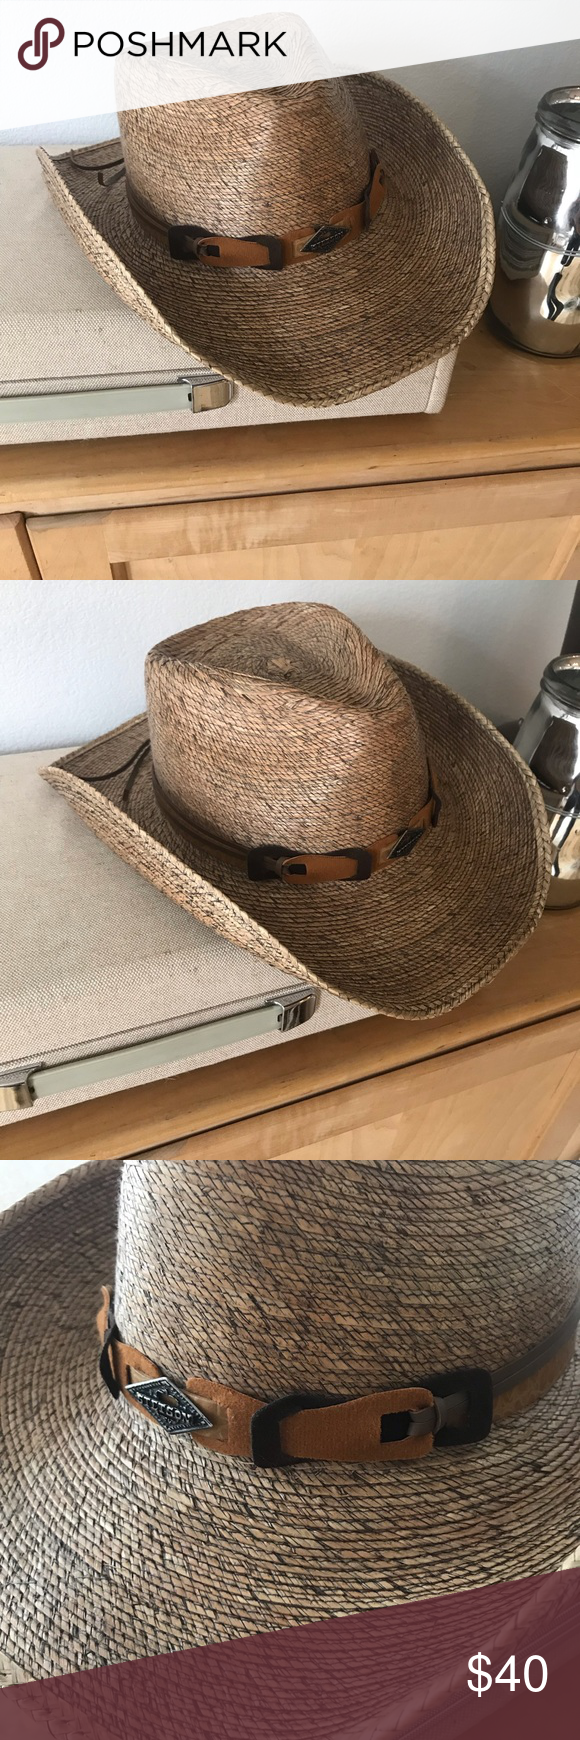 Stetson Cowboy Hat - Sz M Brand new Monterrey Bay unisex palm leaf cowboy  hat by 097f7a2751a